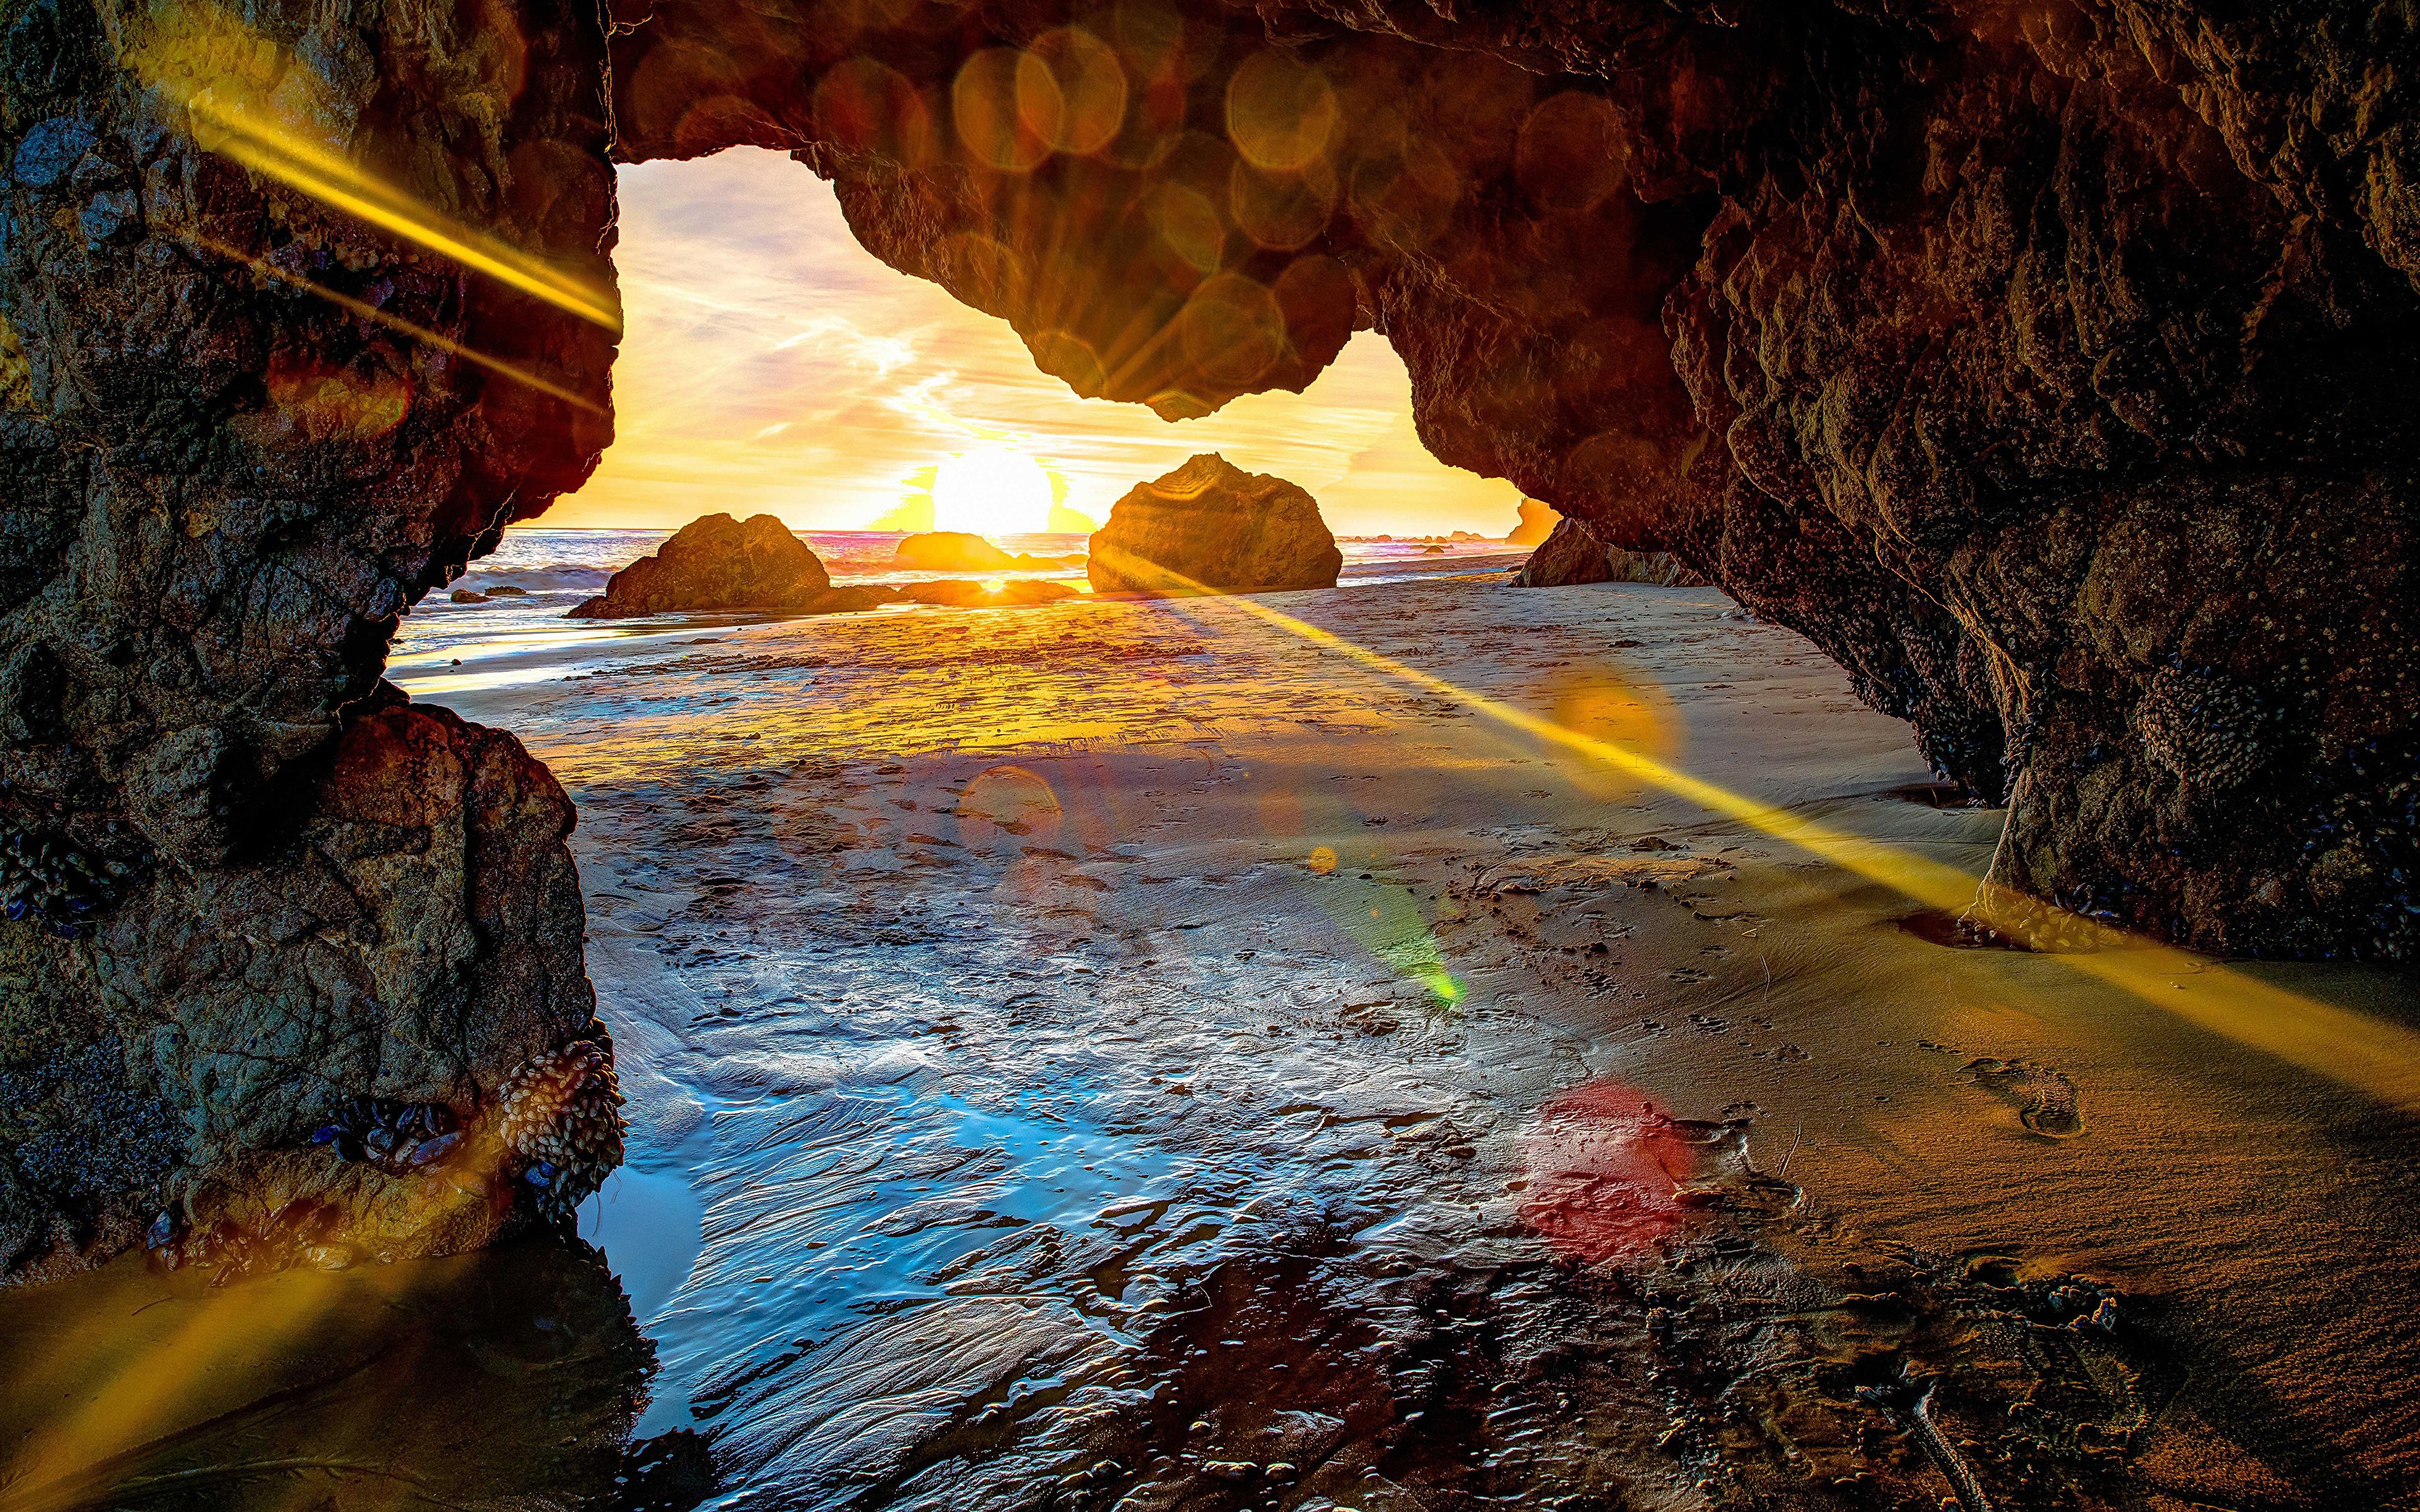 природа скалы море солнце облака отражение загрузить